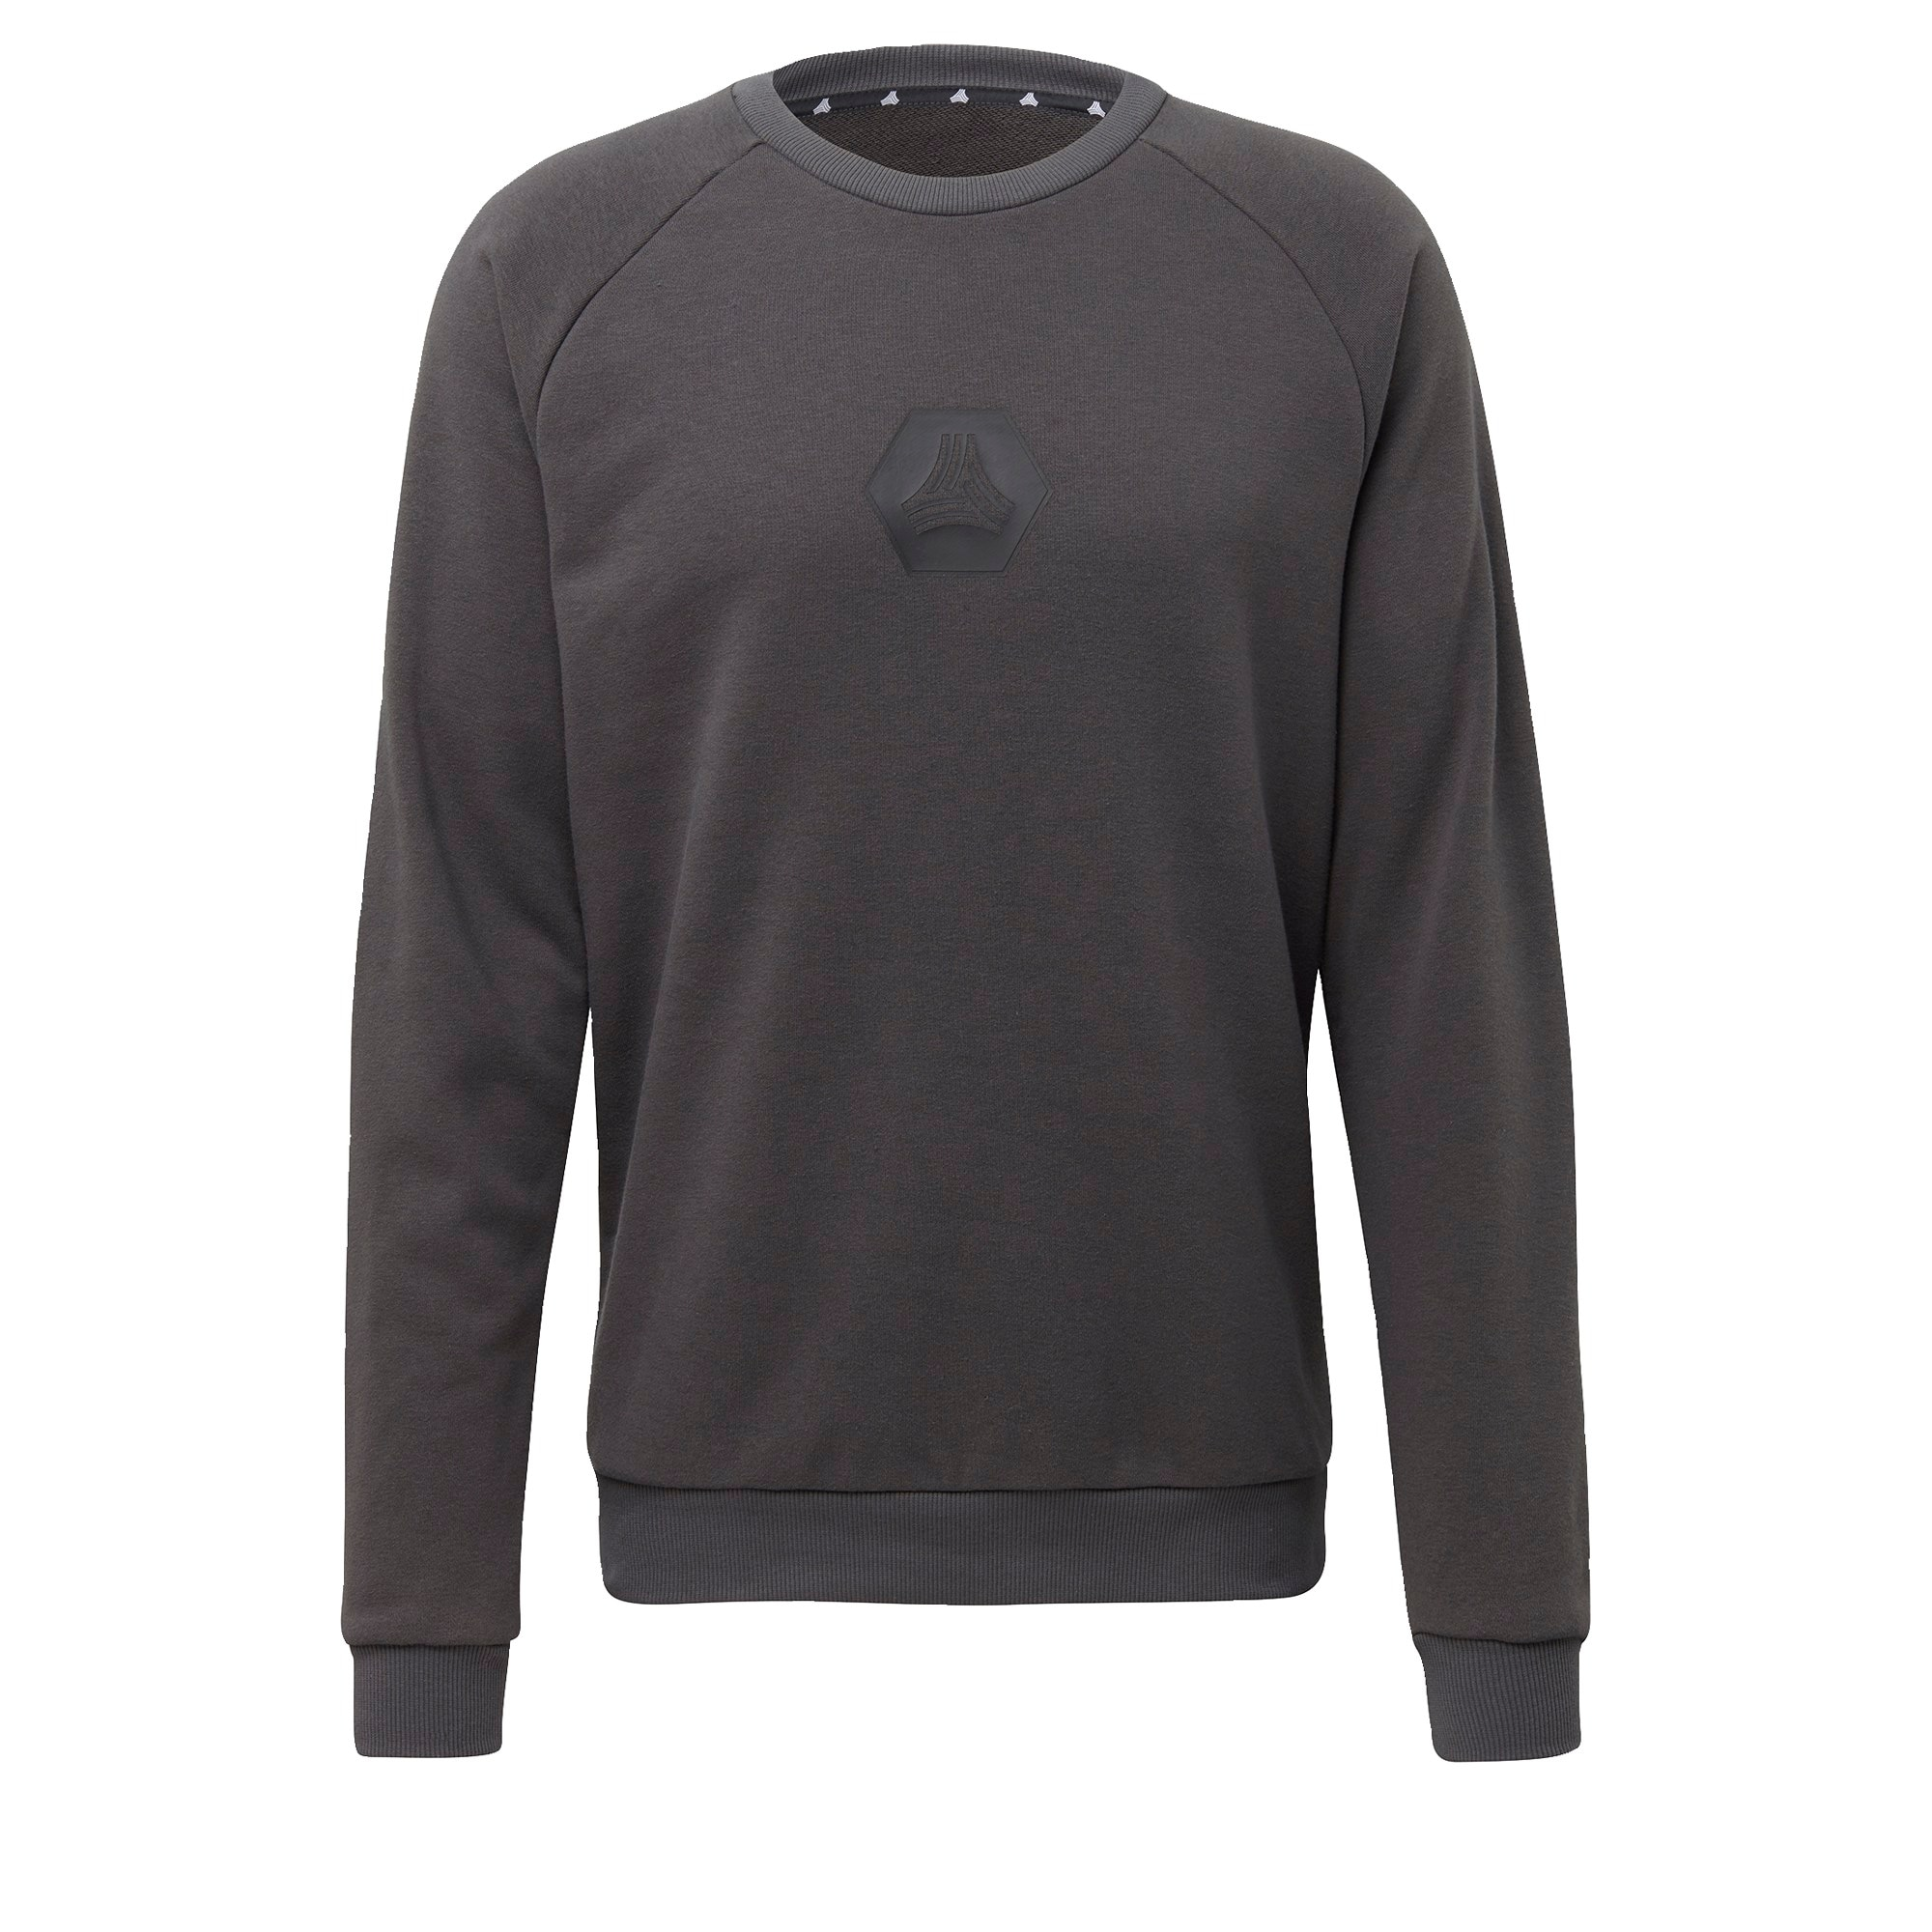 ADIDAS PERFORMANCE Sportinio tipo megztinis juoda / tamsiai pilka